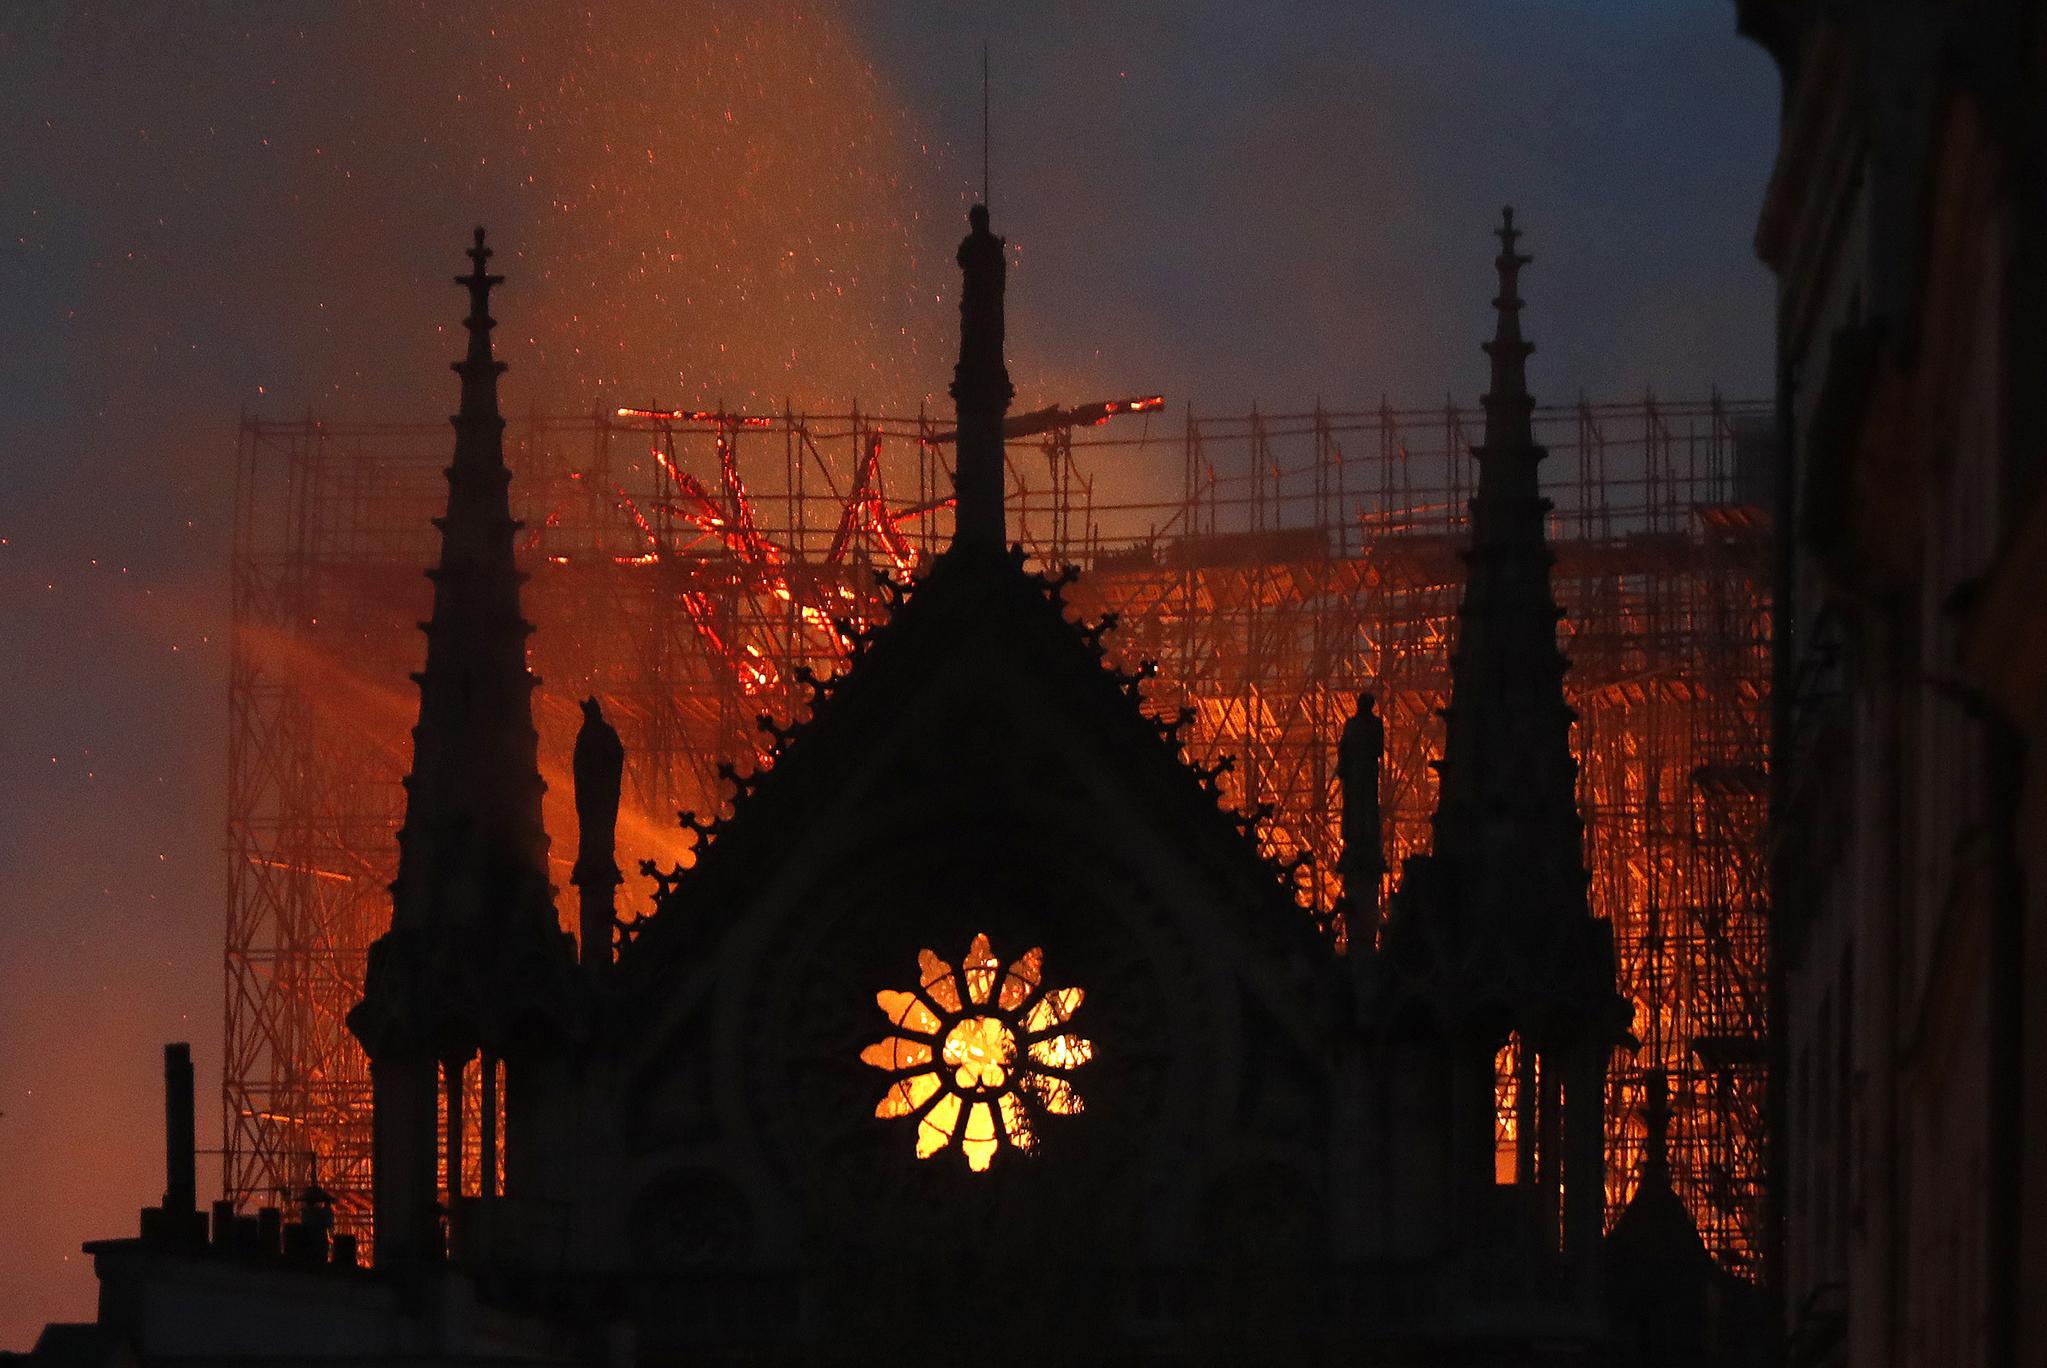 15일(현지시간) 저녁까지 불길이 잡히지 않은 노르트담 대성당이 붉게 타오르고 있다. [AP=연합뉴스]